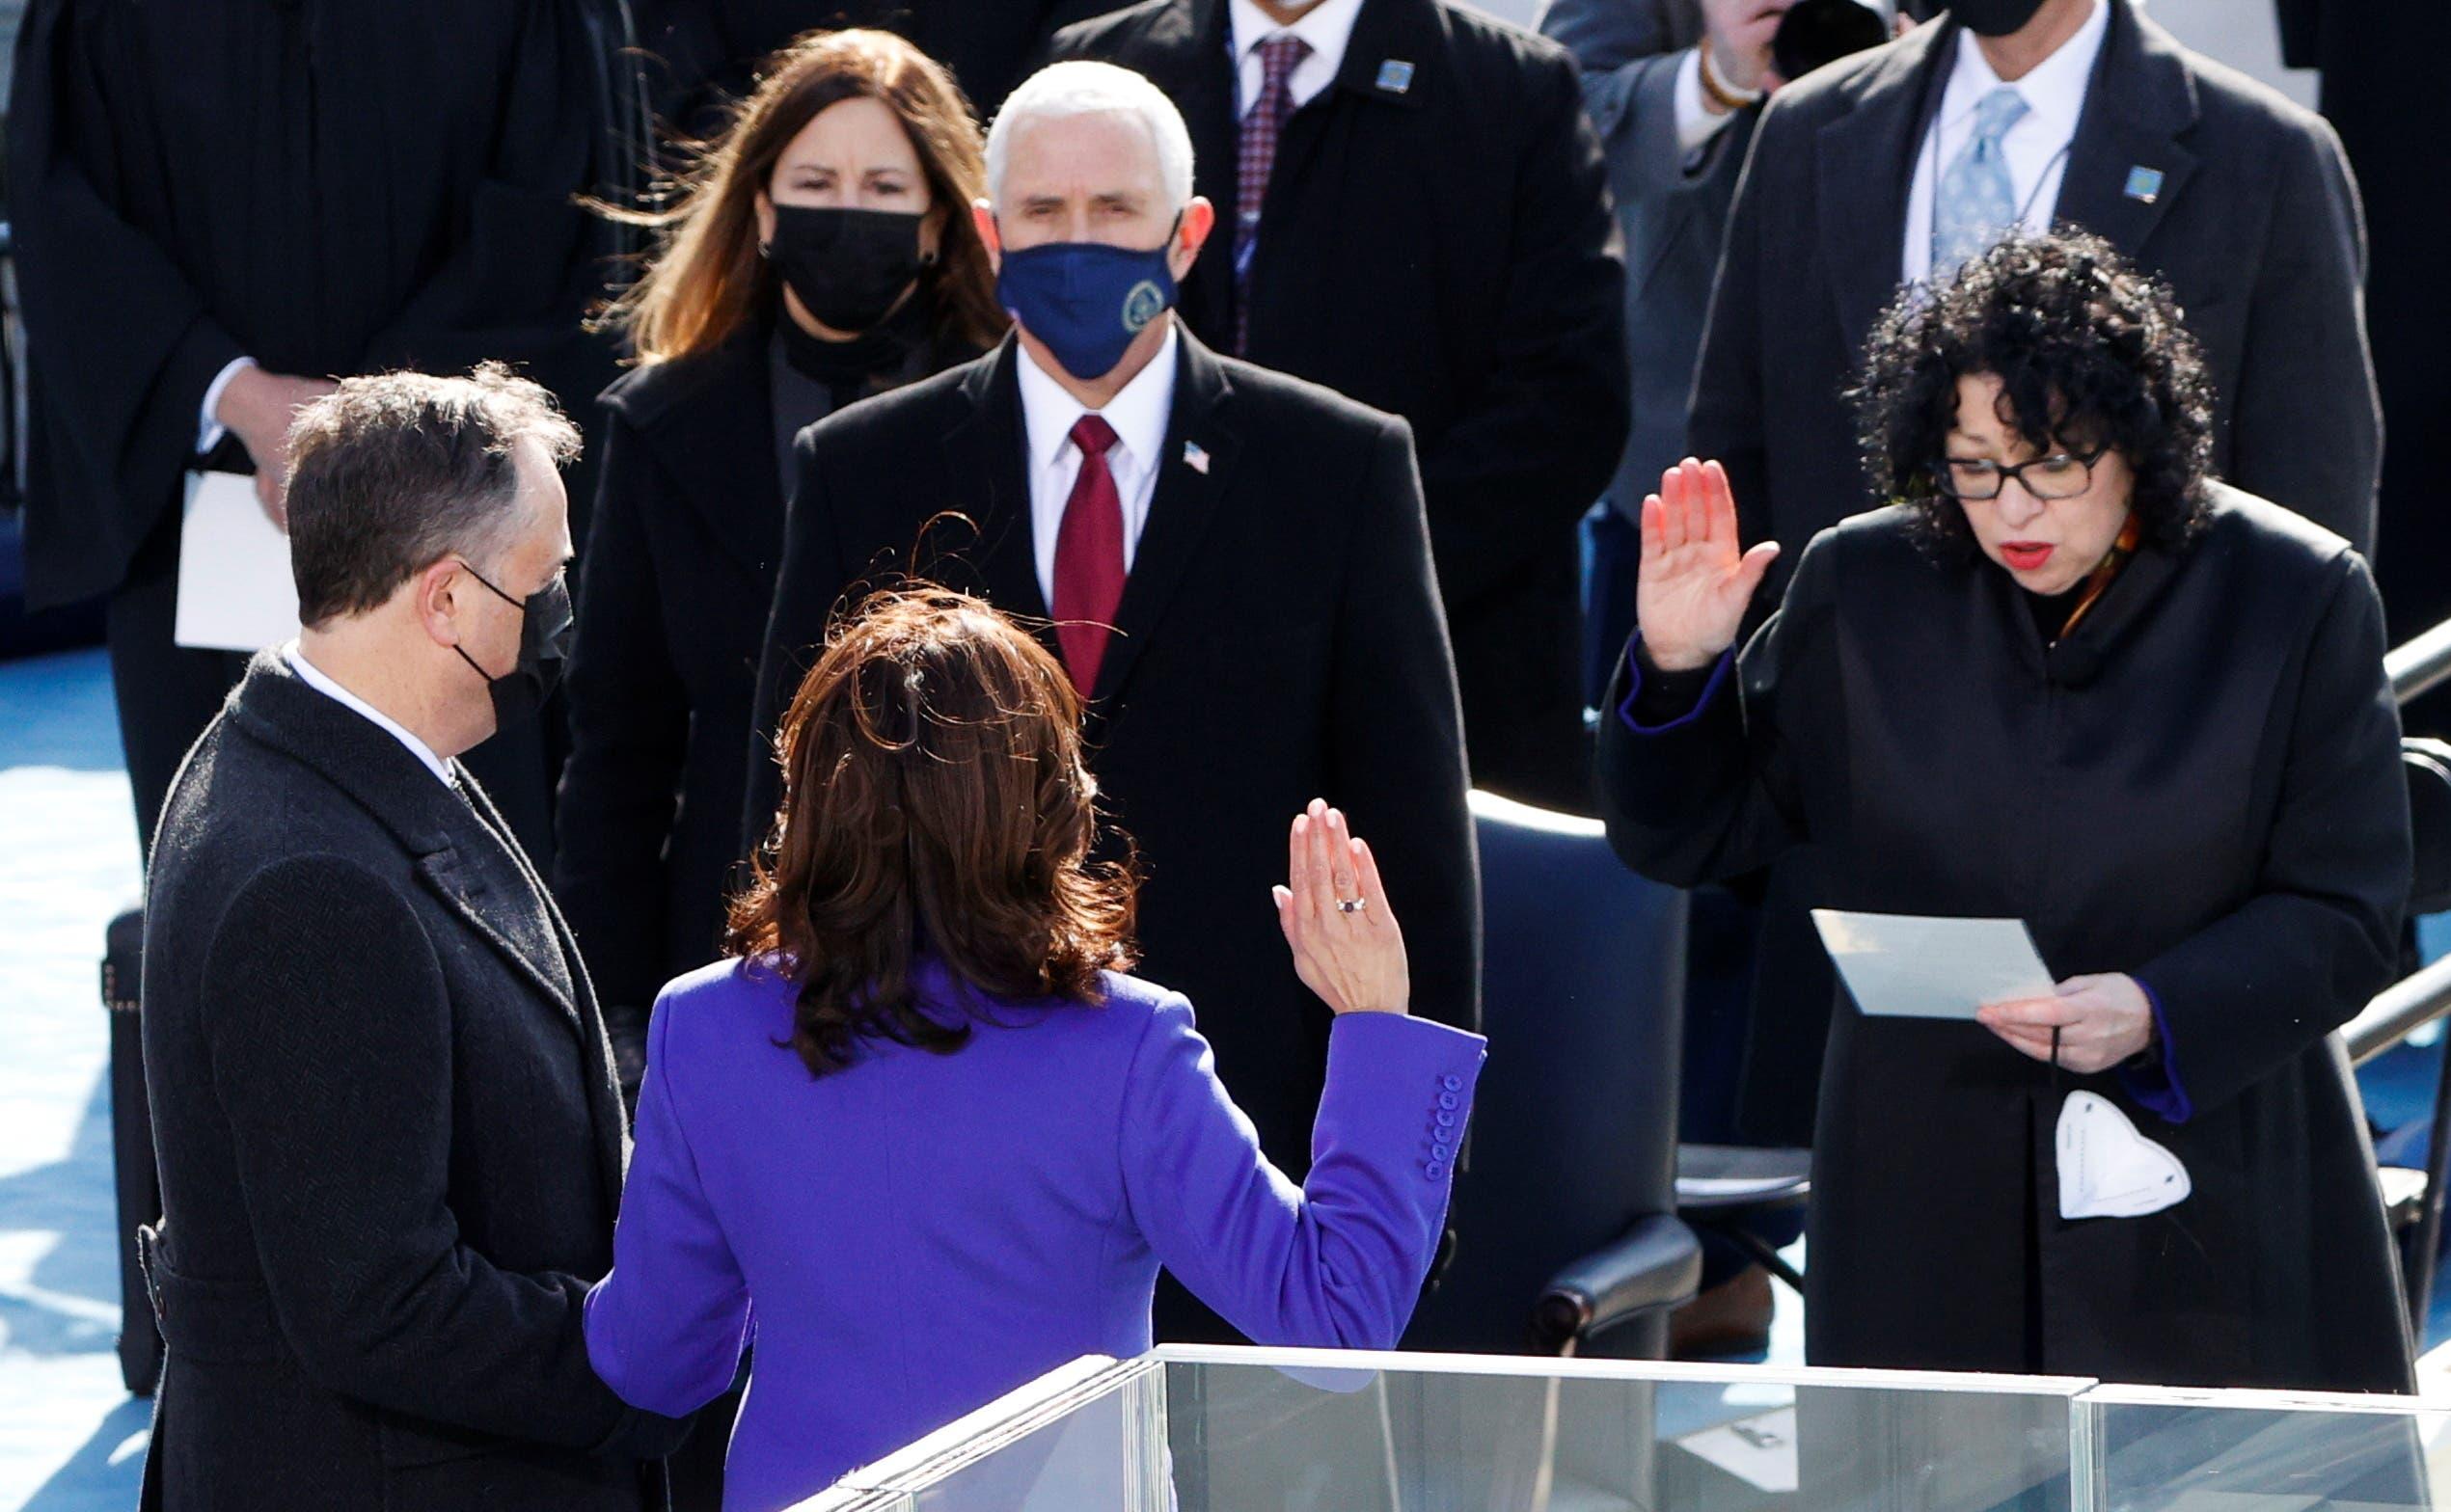 كامالا هاريس تحلف اليمين أمام القاضية بحضور مايك بنس